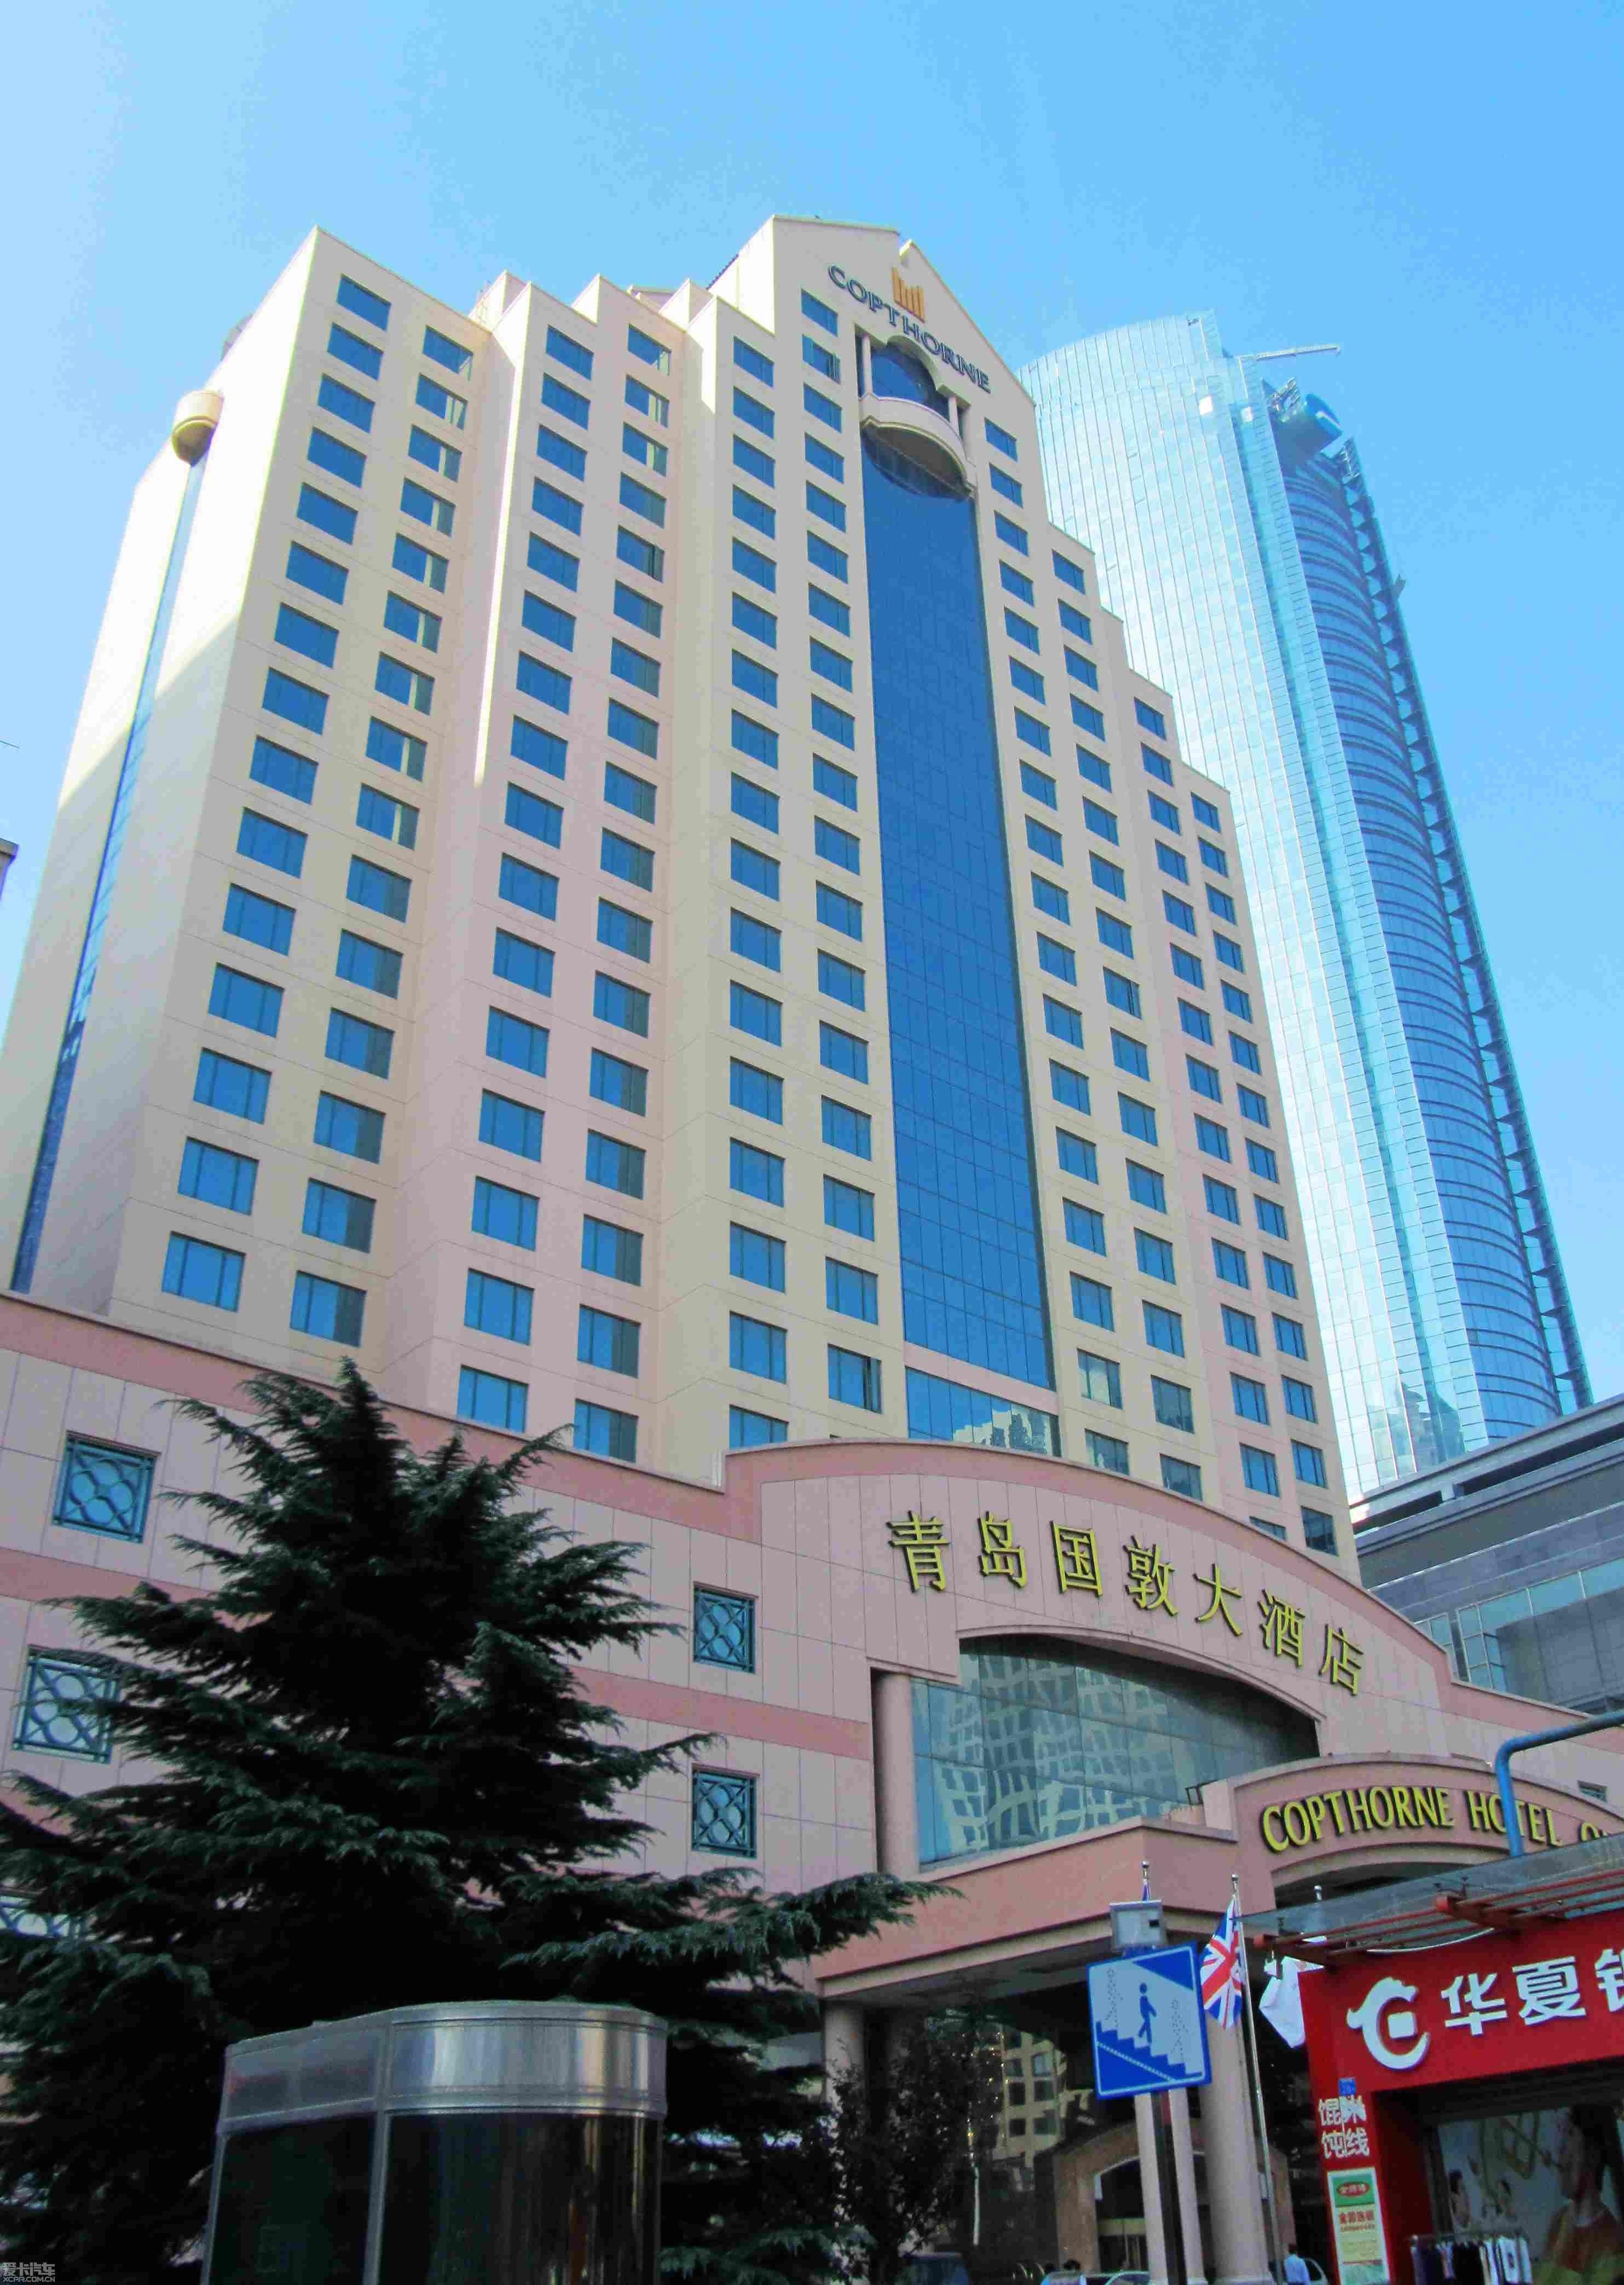 【图】青岛香港中路的高楼大厦!_13_辽宁论坛_爱卡汽车